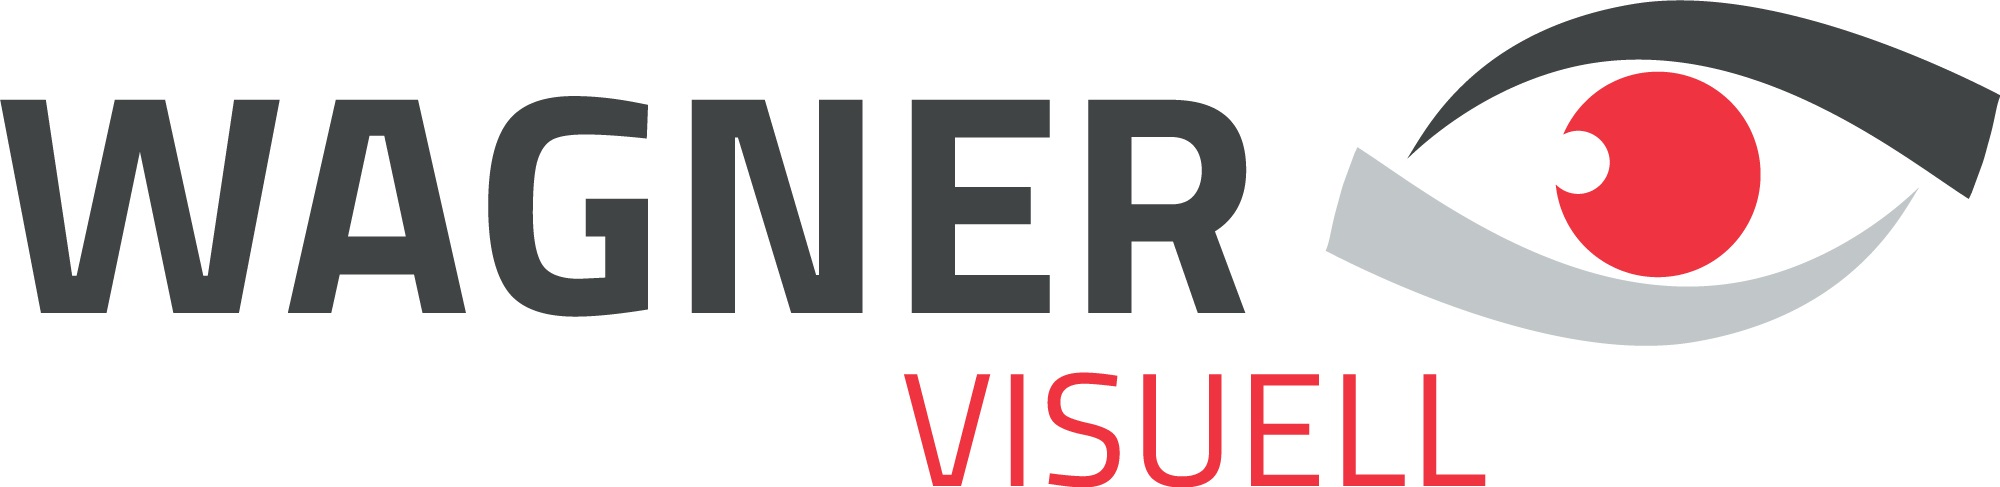 Wagner Visuell AG